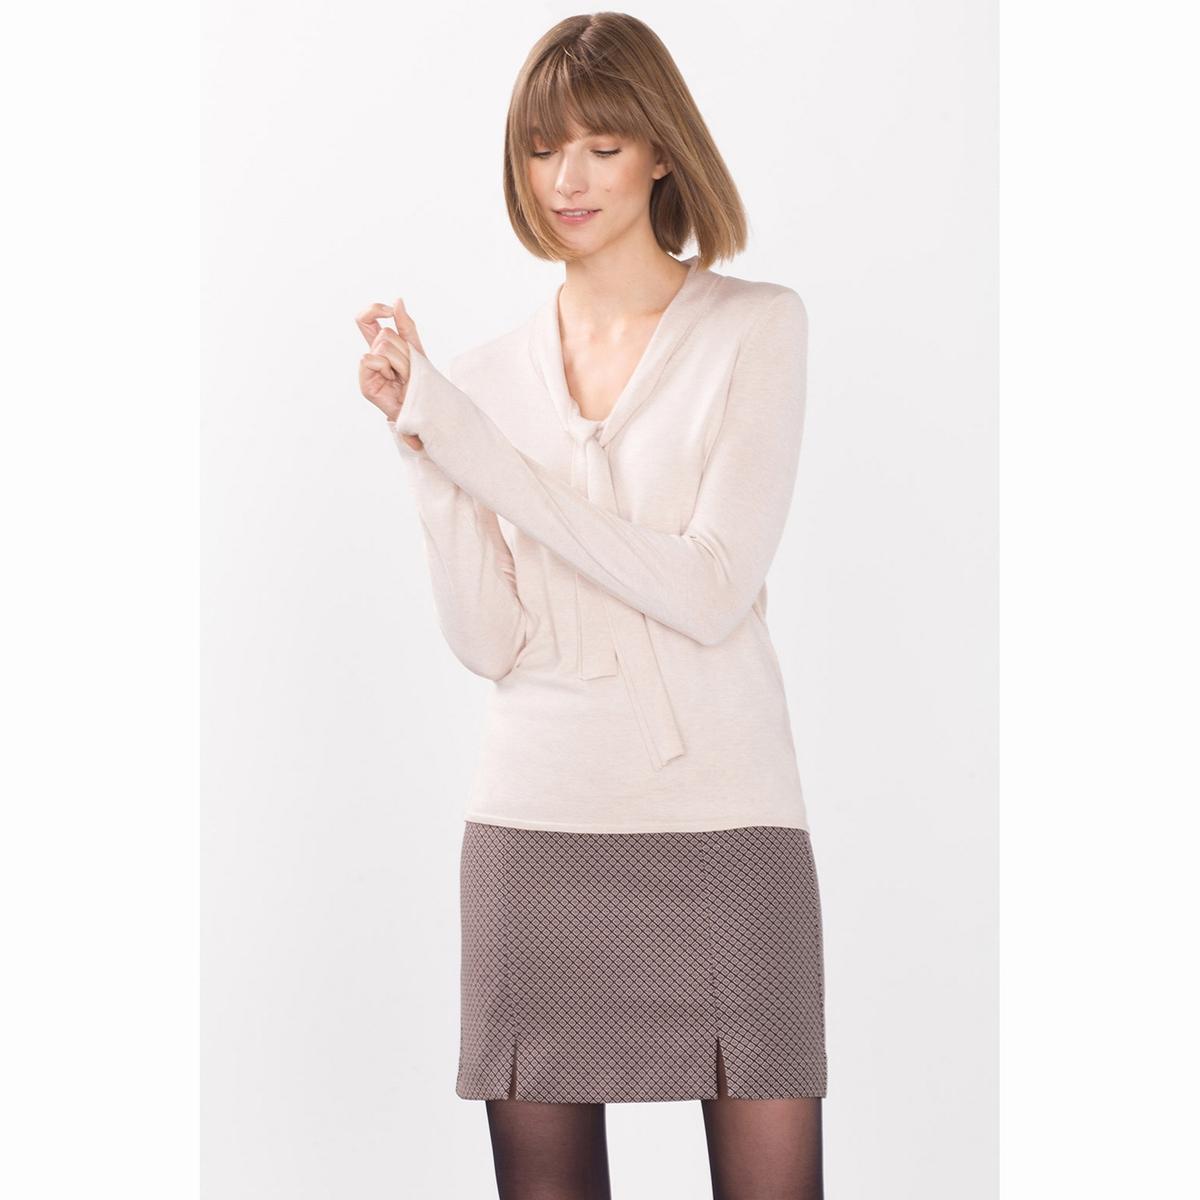 Пуловер с воротником-галстуком. футболка мужская esprit 025ee2k027c 15 259